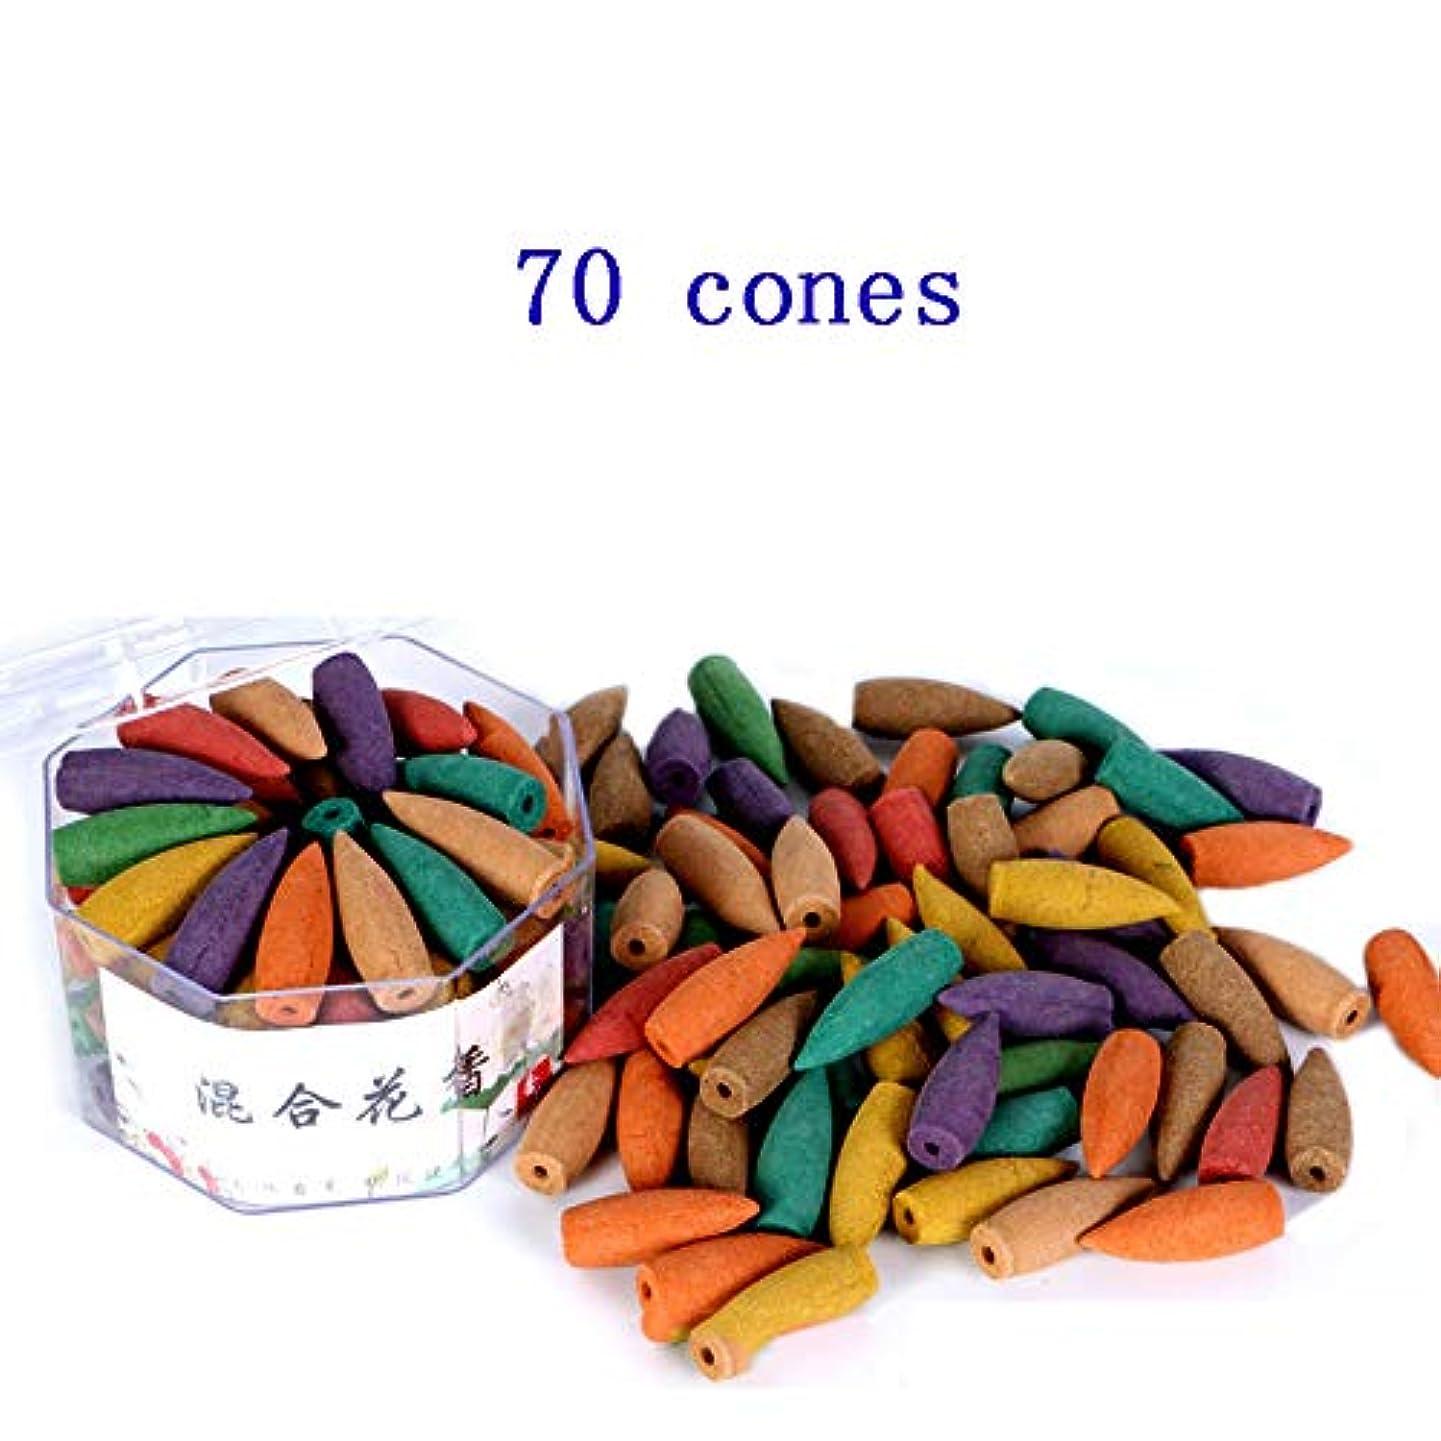 代表突進ペンス(In-70mixed) - Corcio 70pcs/box Lengthened Cone Tower Incense Backflow Incense Waterfall Cones for Incense Burner...